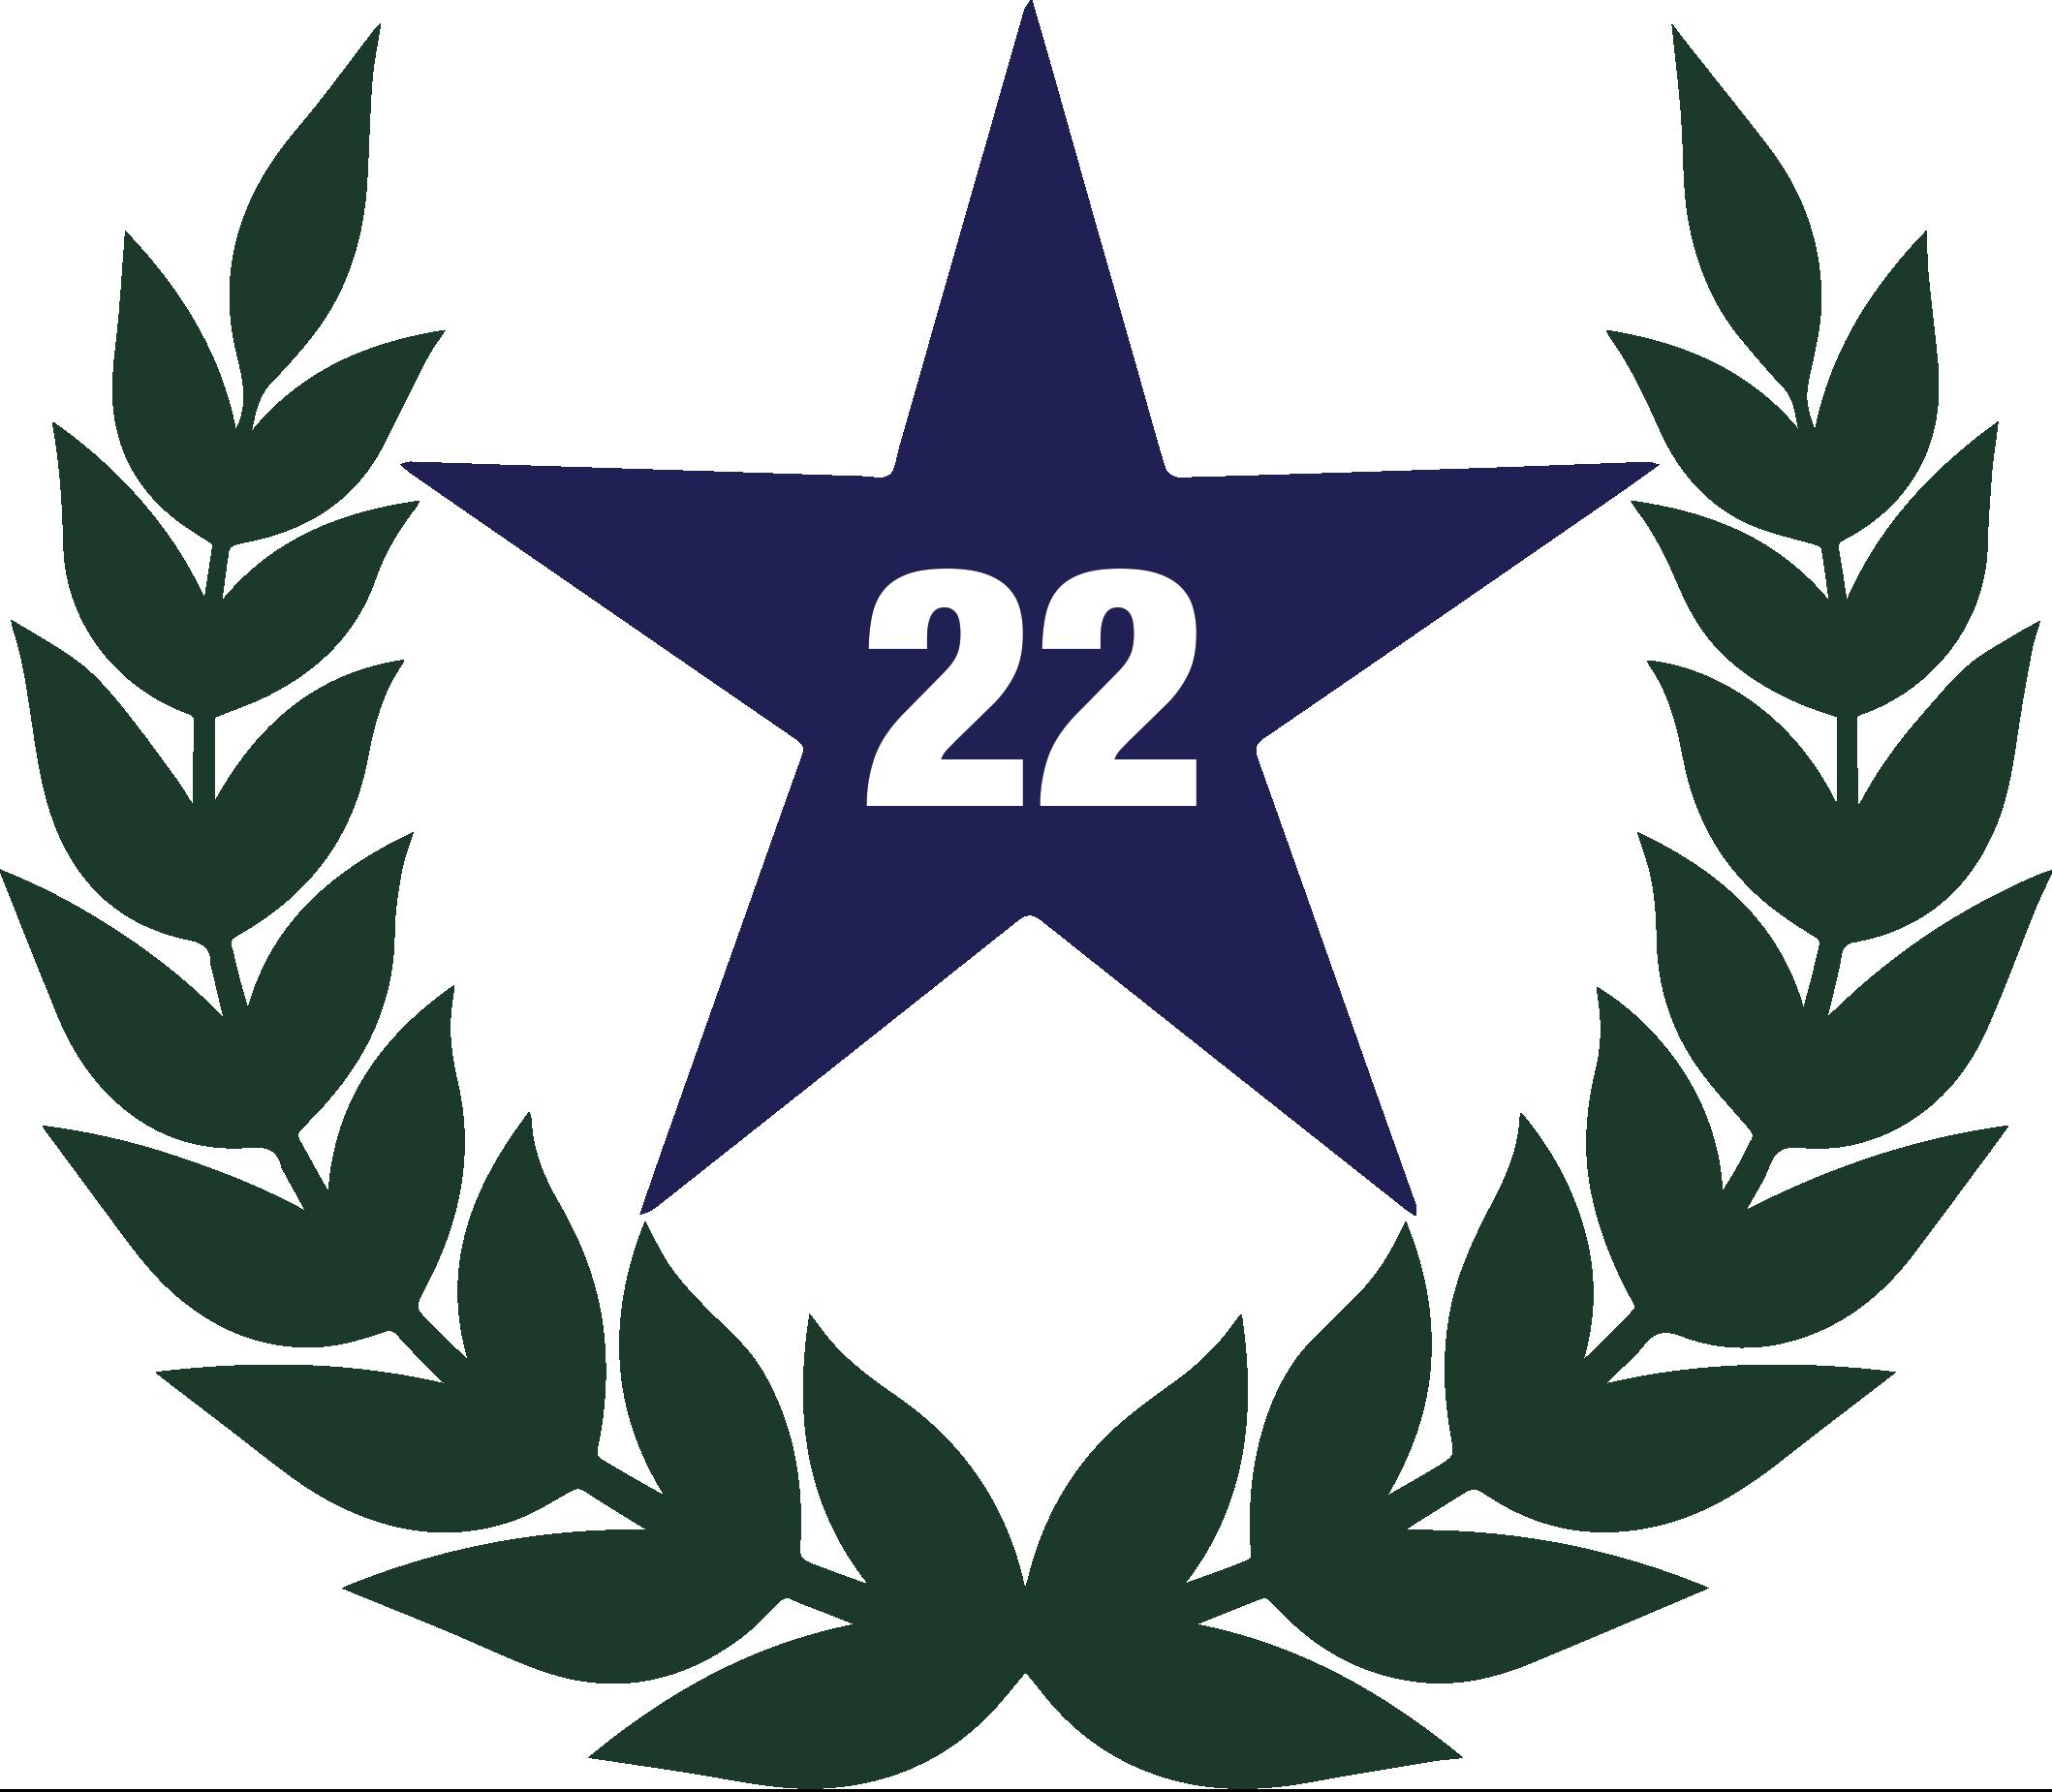 22 Shenanigans